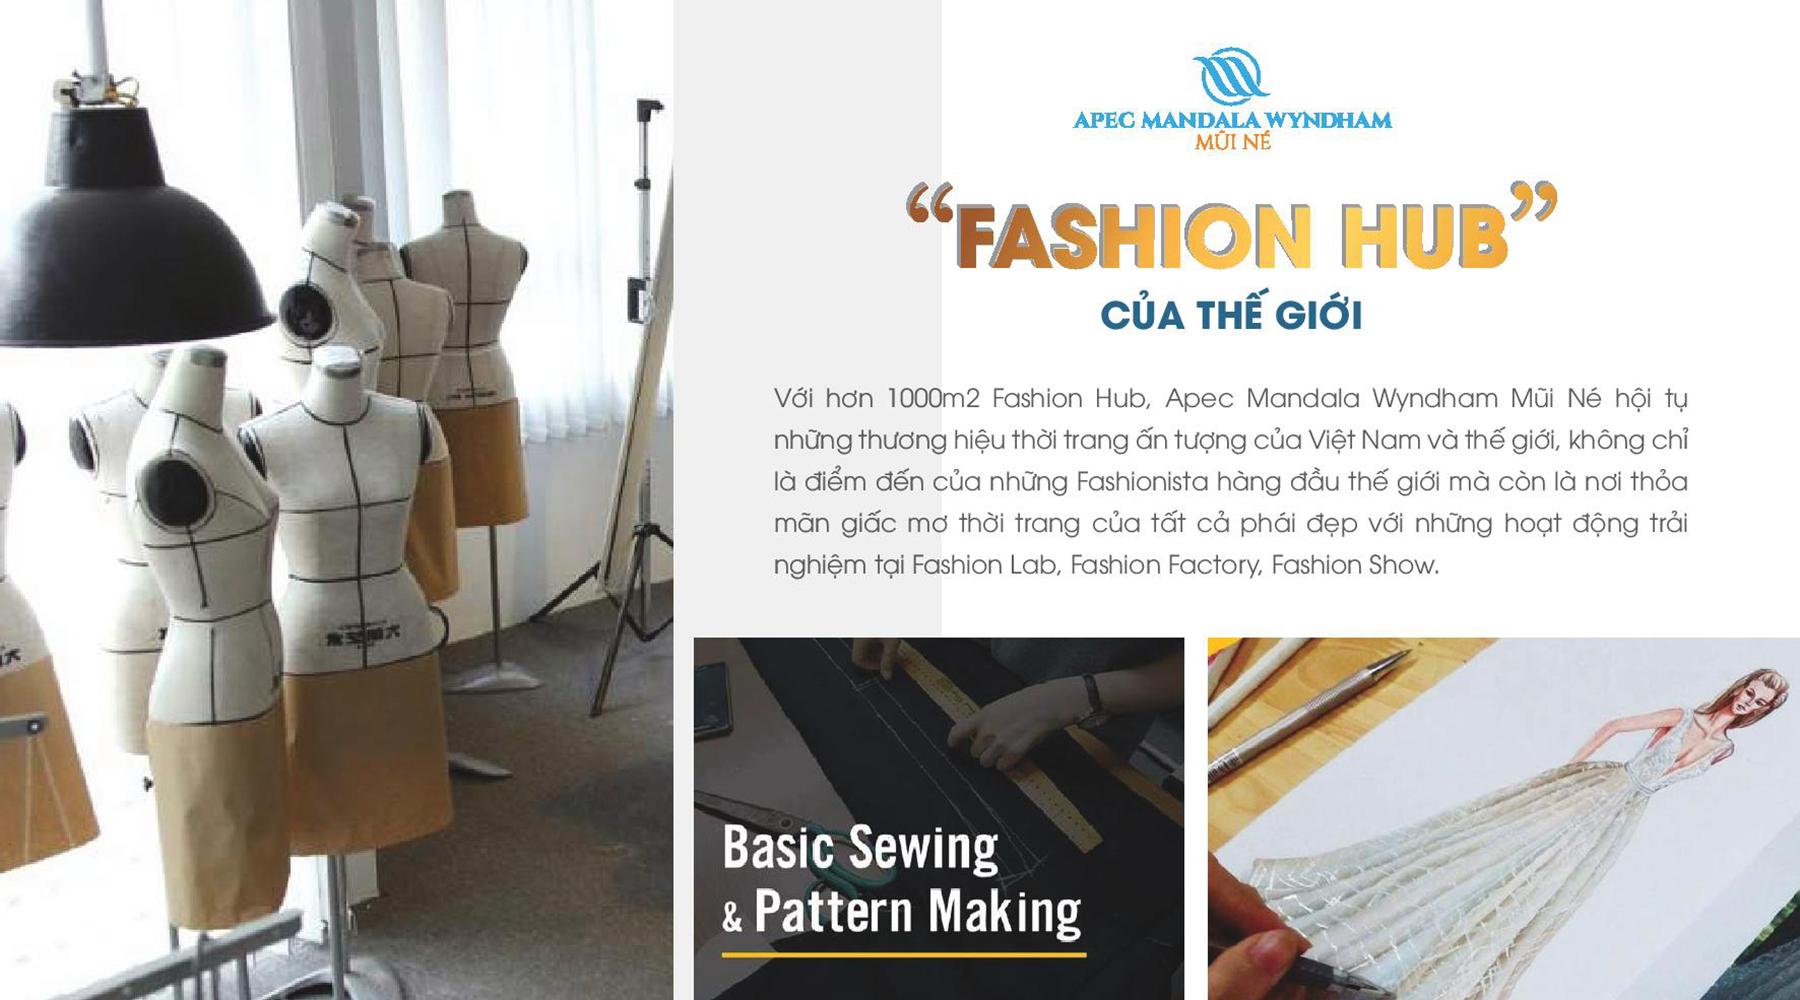 Tiện ích dự án Apec Mandala Wyndham Mũi Né Fashion Hub